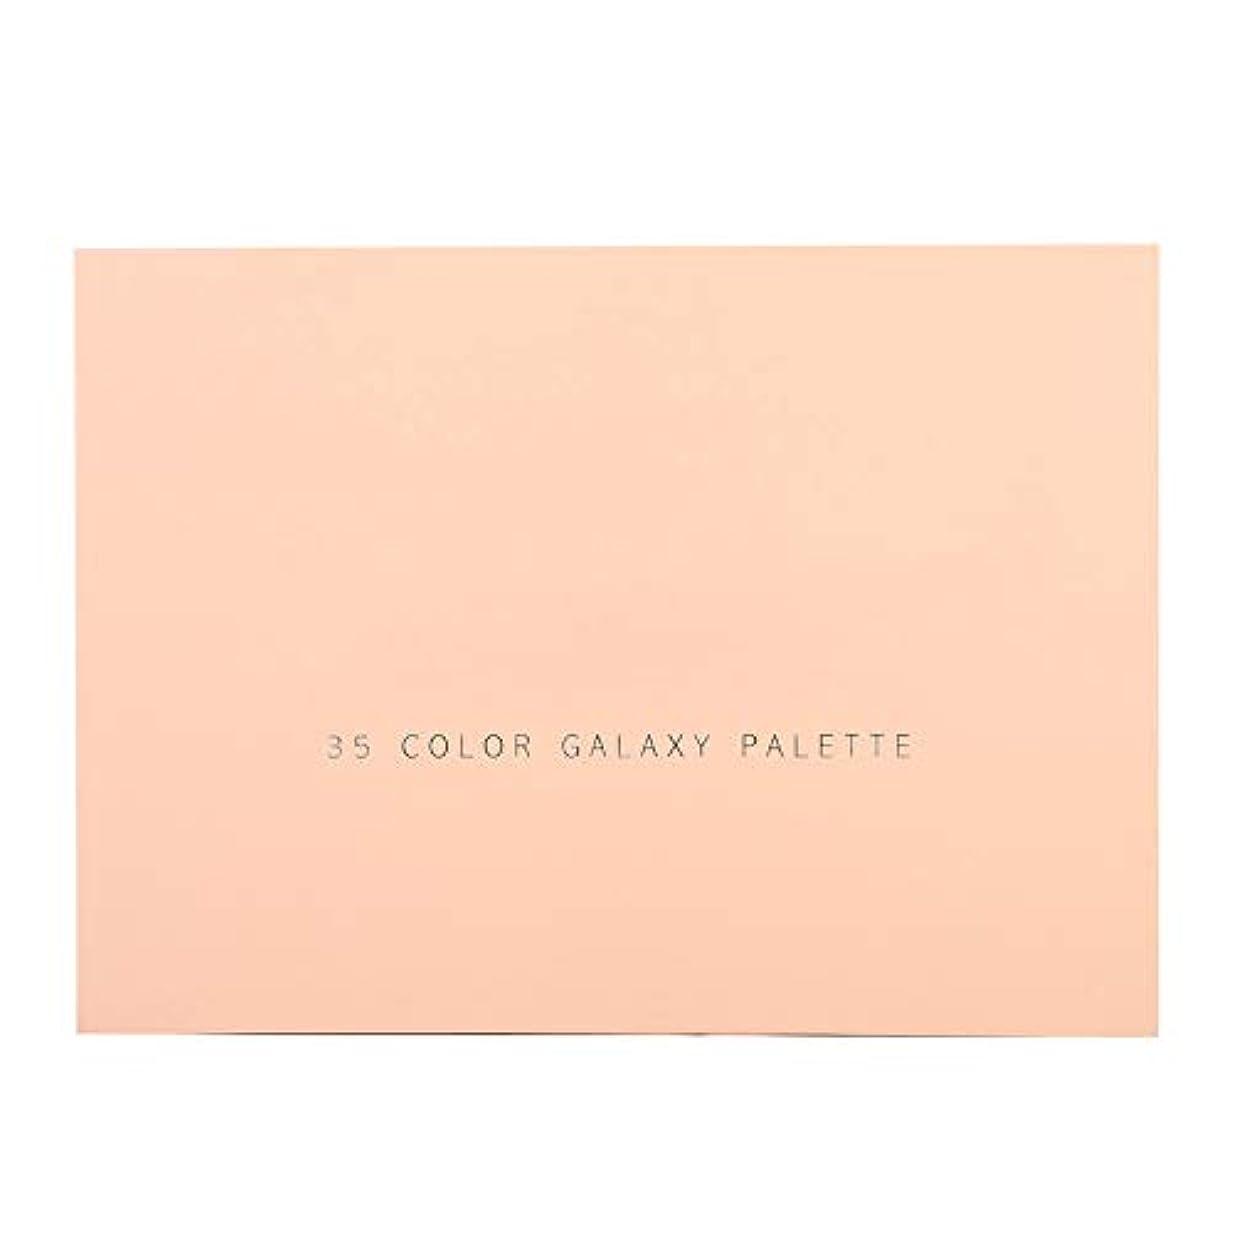 血複数極めて35色キラキラマットアイシャドーパレット簡単に適用するアイシャドー化粧品メイクアップパウダー(ピンク)